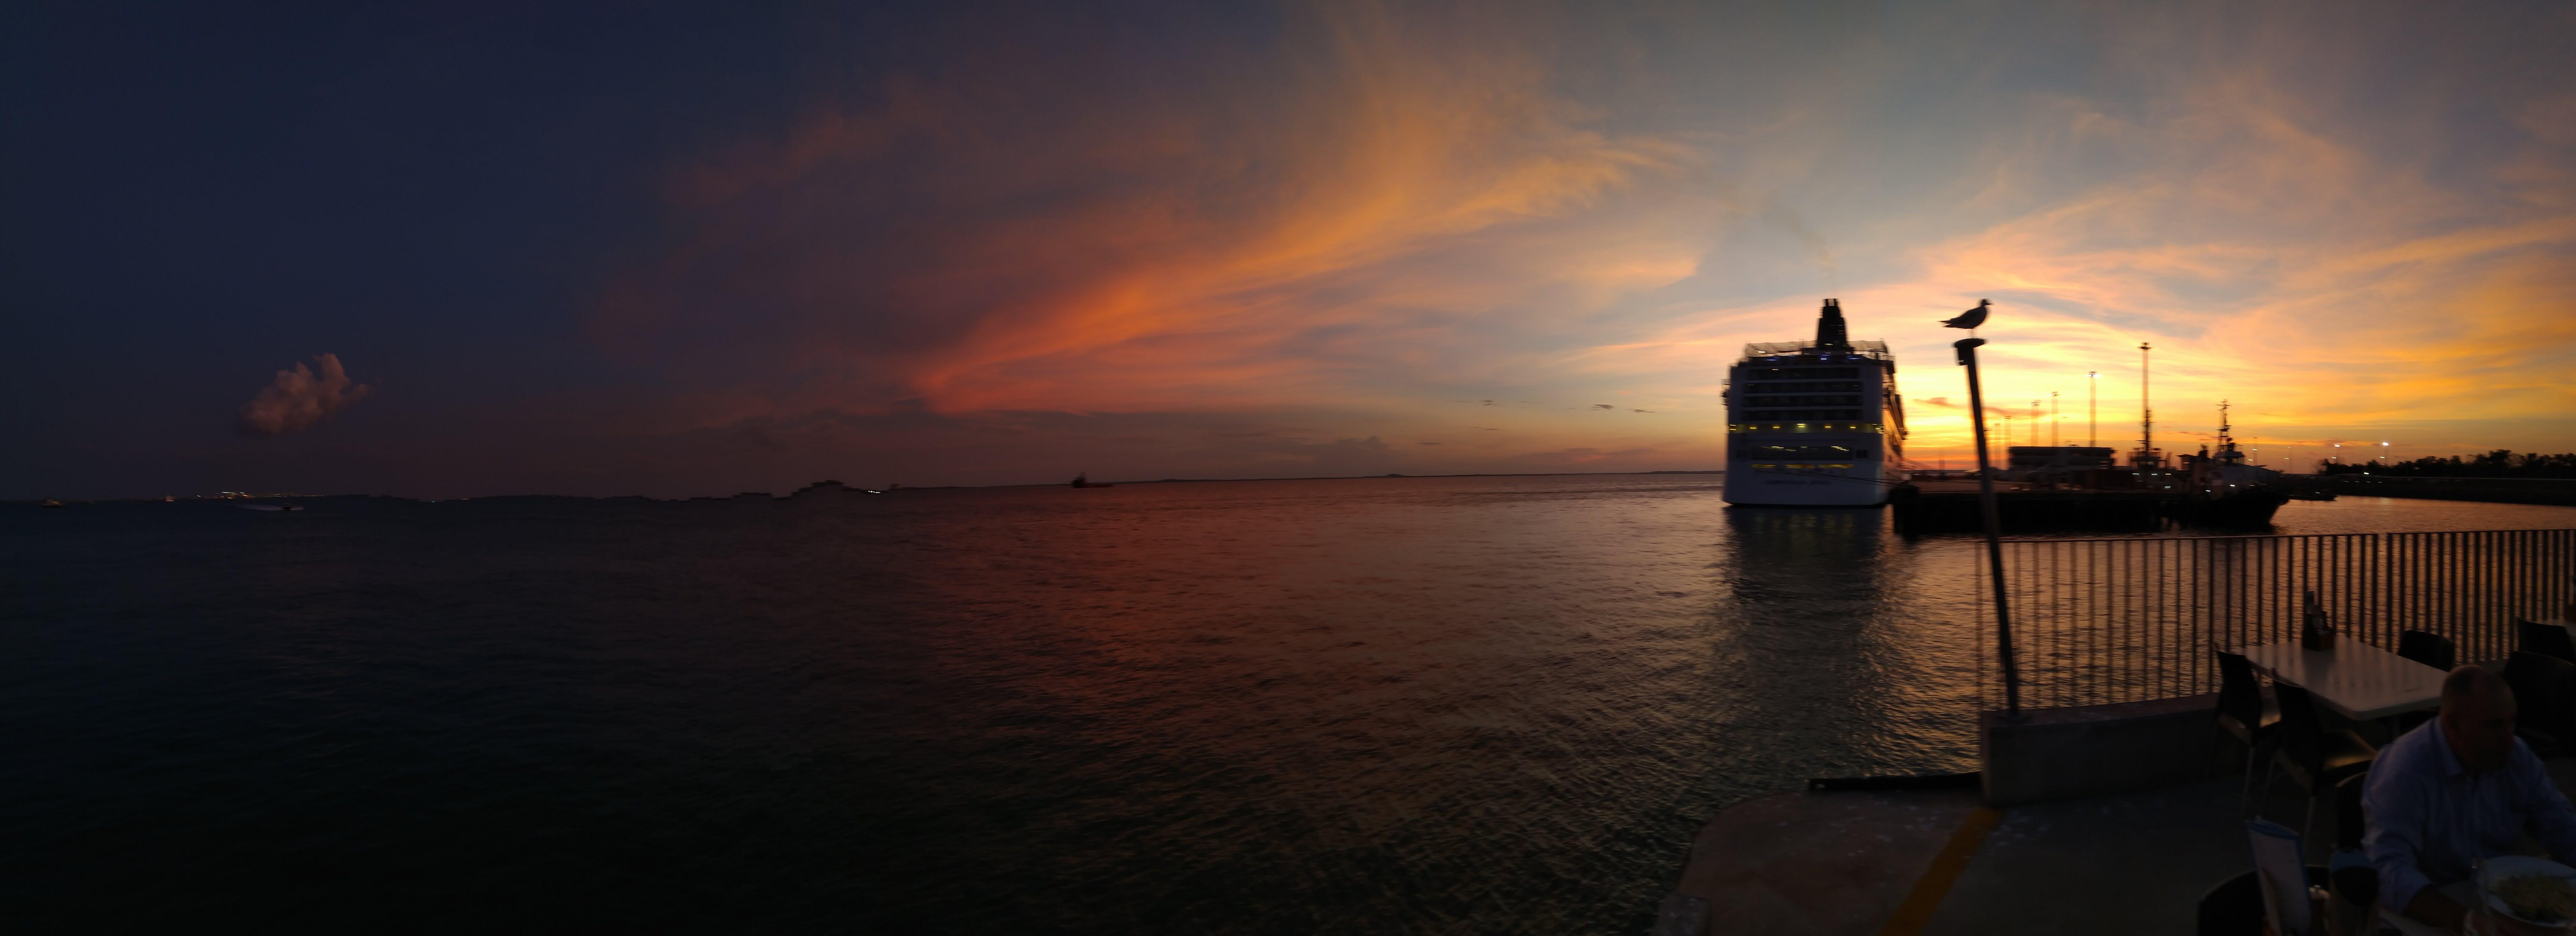 Free stock photo of cruise ship, harbor, sunset